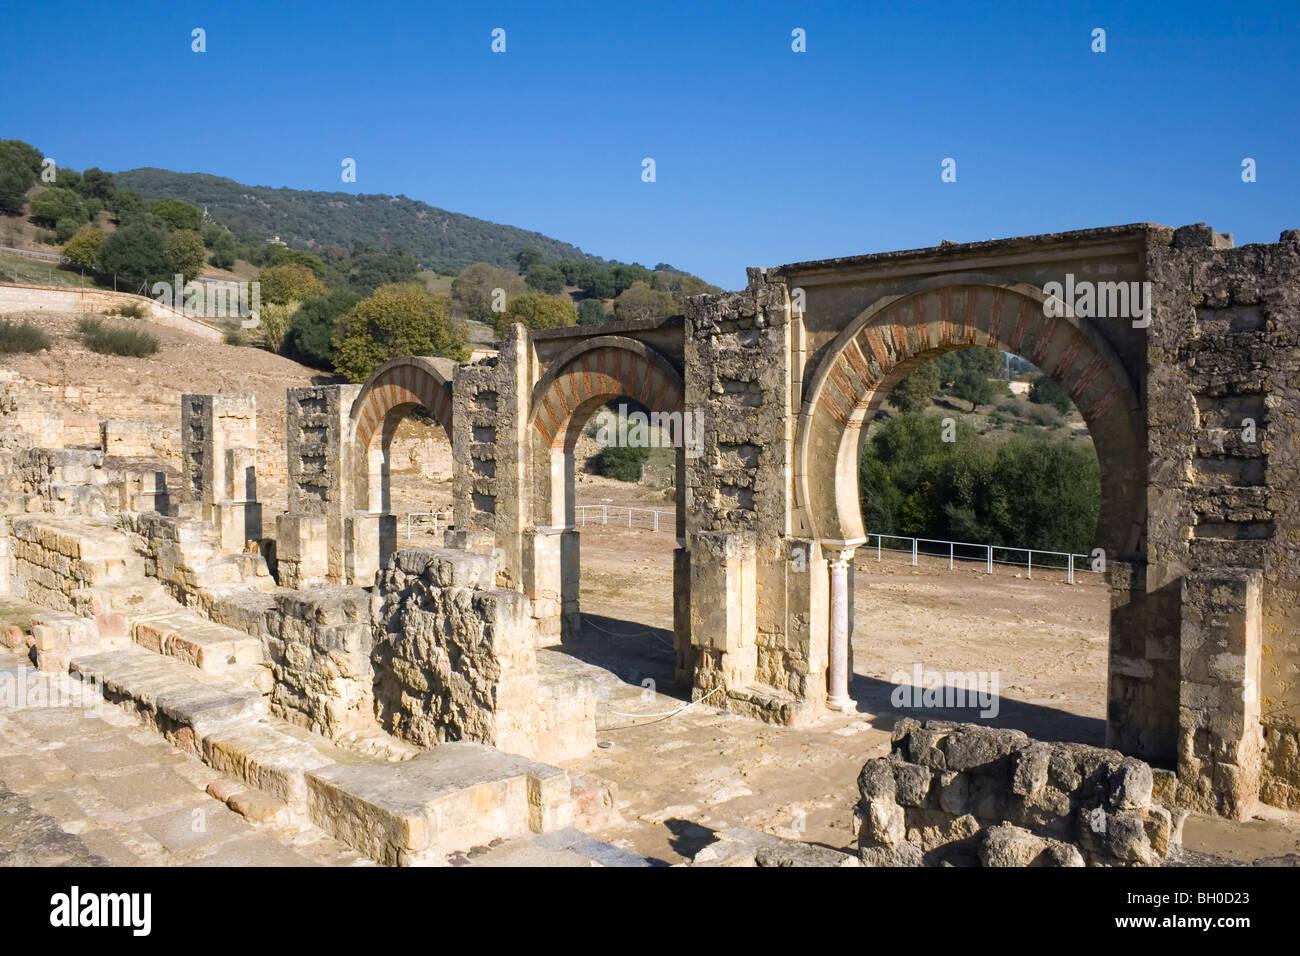 Cordoba, Spain. The Great Portico at Medina Azahara or Madinat al Zahra palace city. - Stock Image